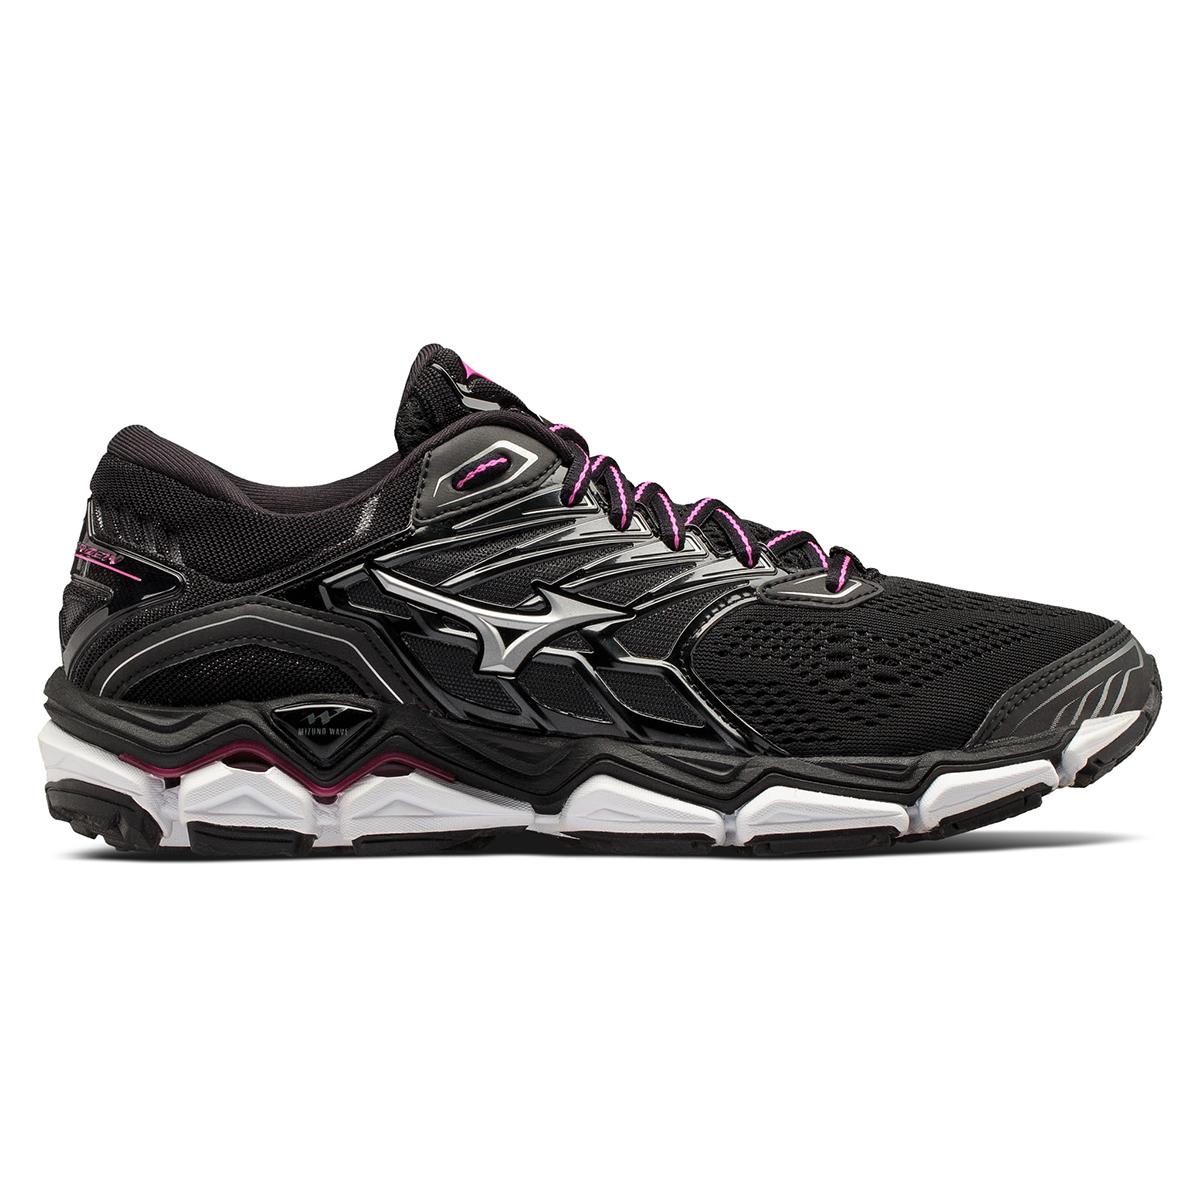 Women's Mizuno Wave Horizon 2 Running Shoe - Color: Black/Athena (Regular Width) - Size: 8, Black/Athena, large, image 1